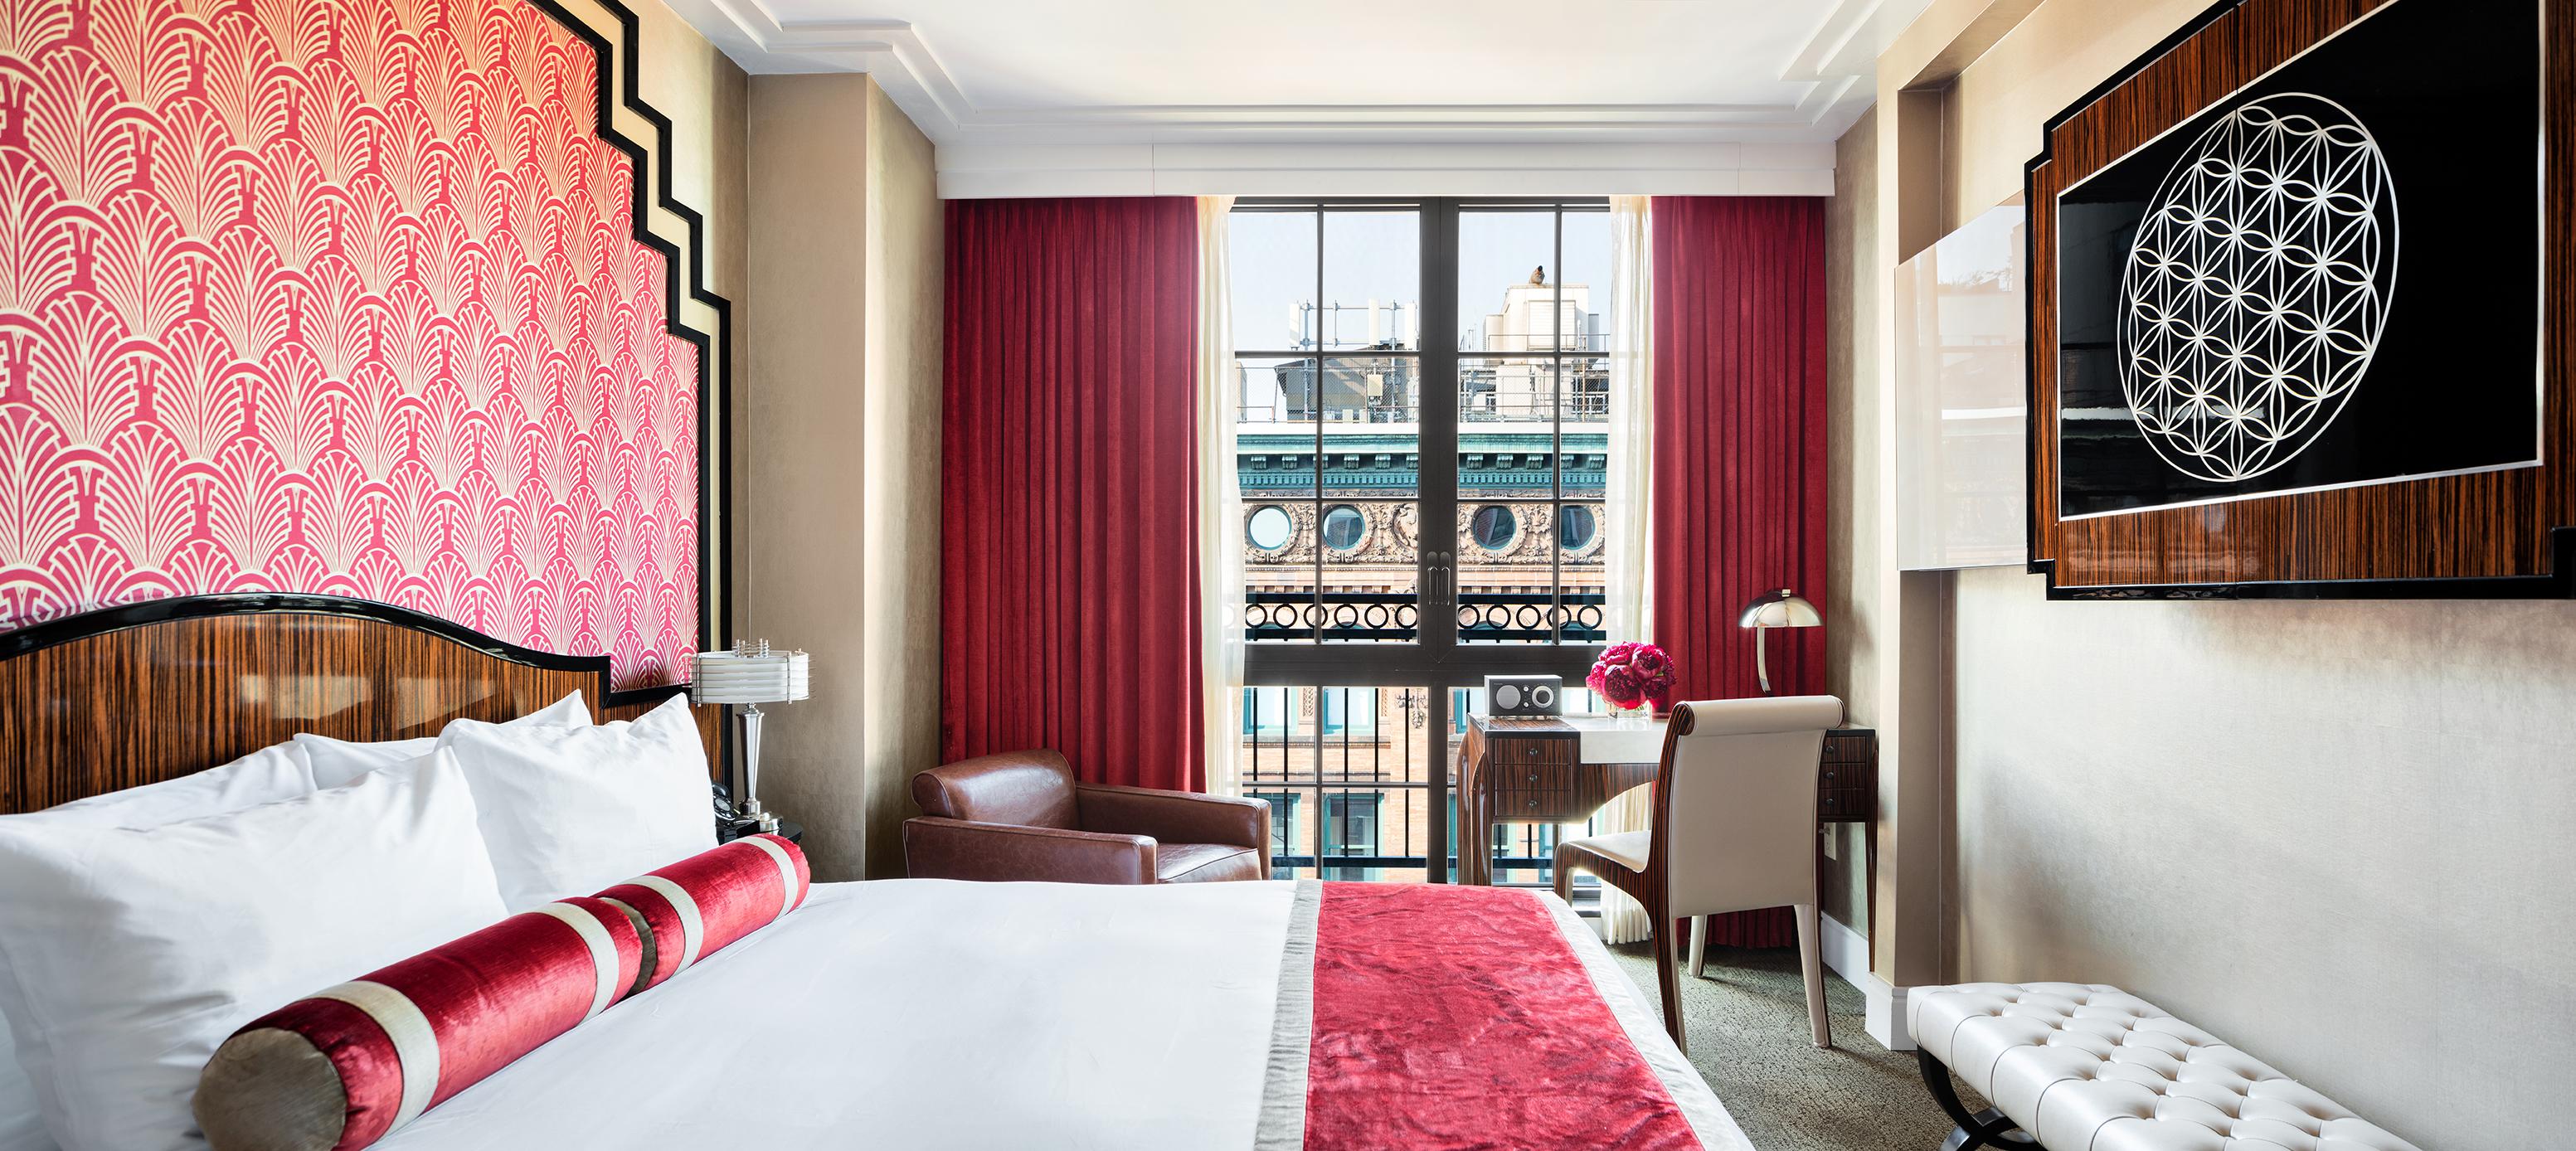 Walker Hotel Greenwich Village image 7